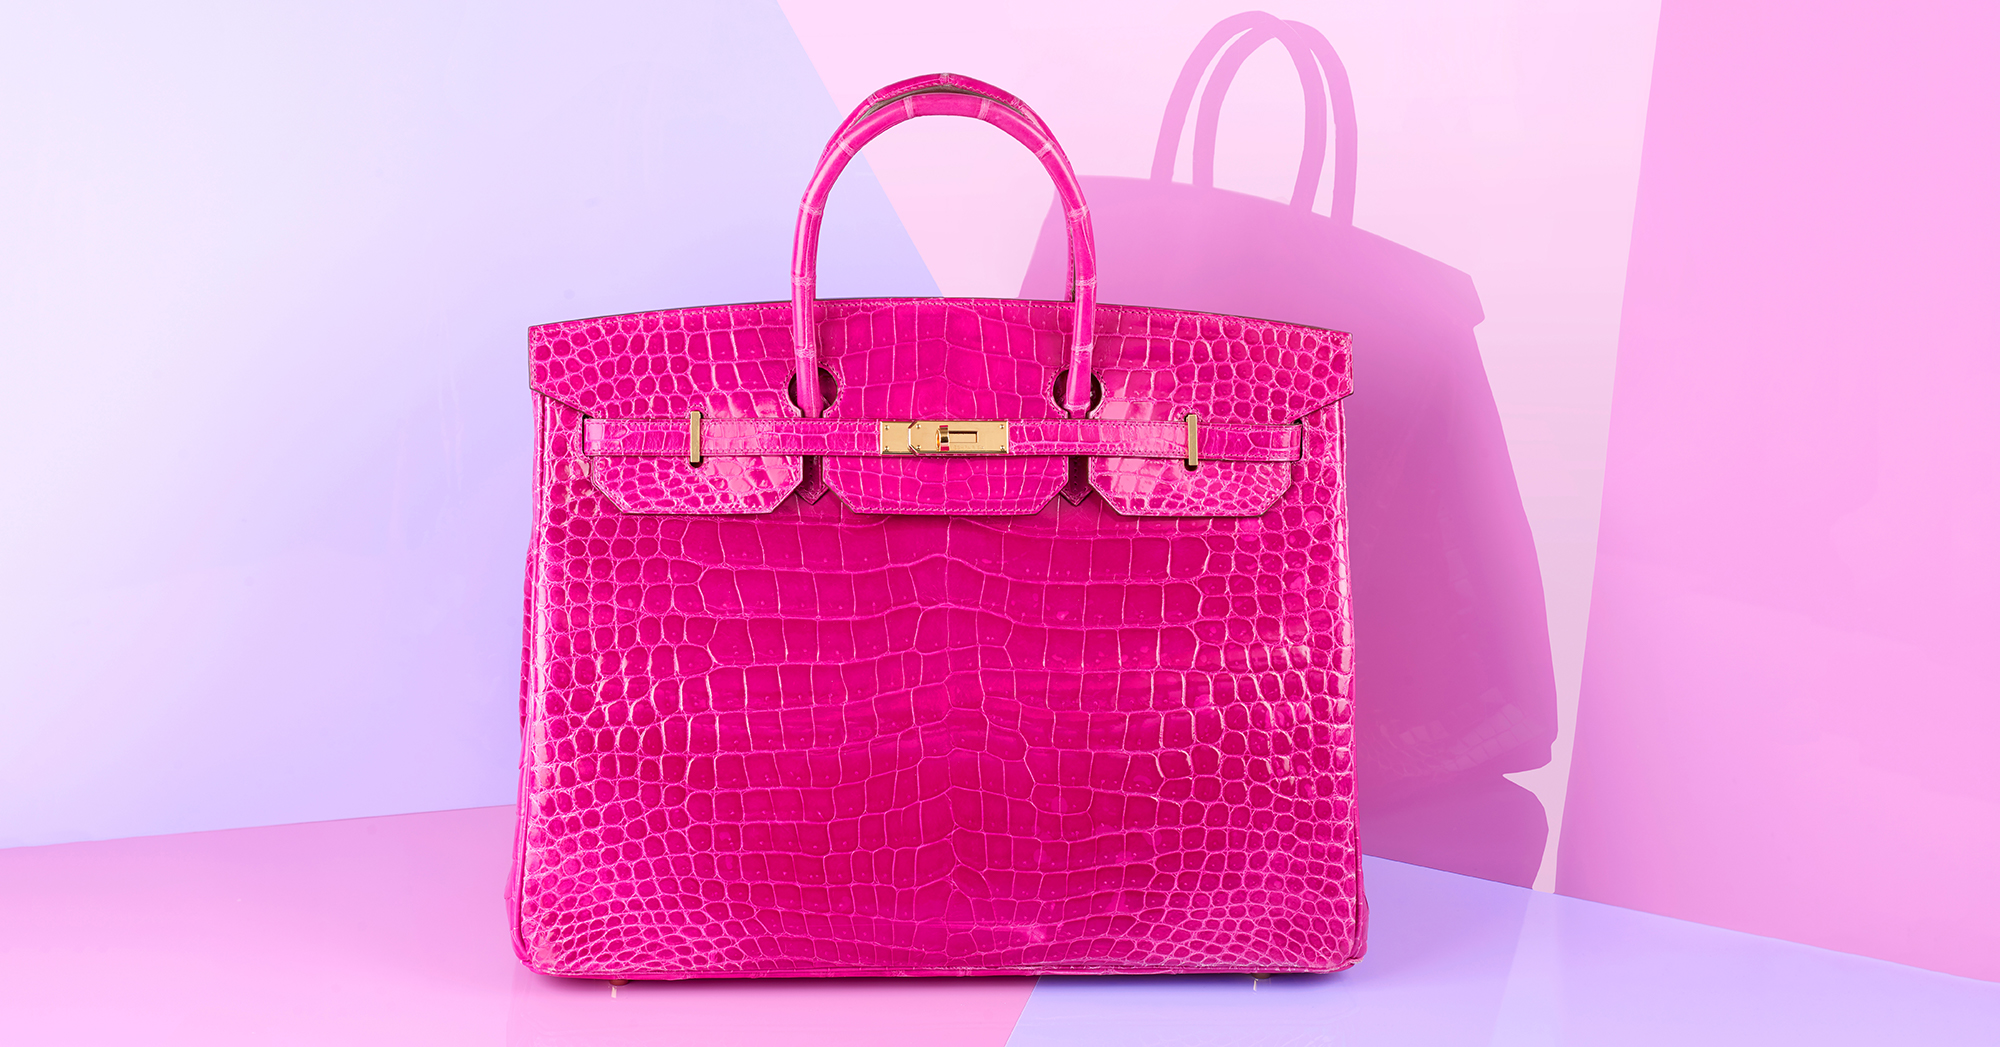 Pink Hermès Birkin handbag sells for just under £20,000 at UK auction